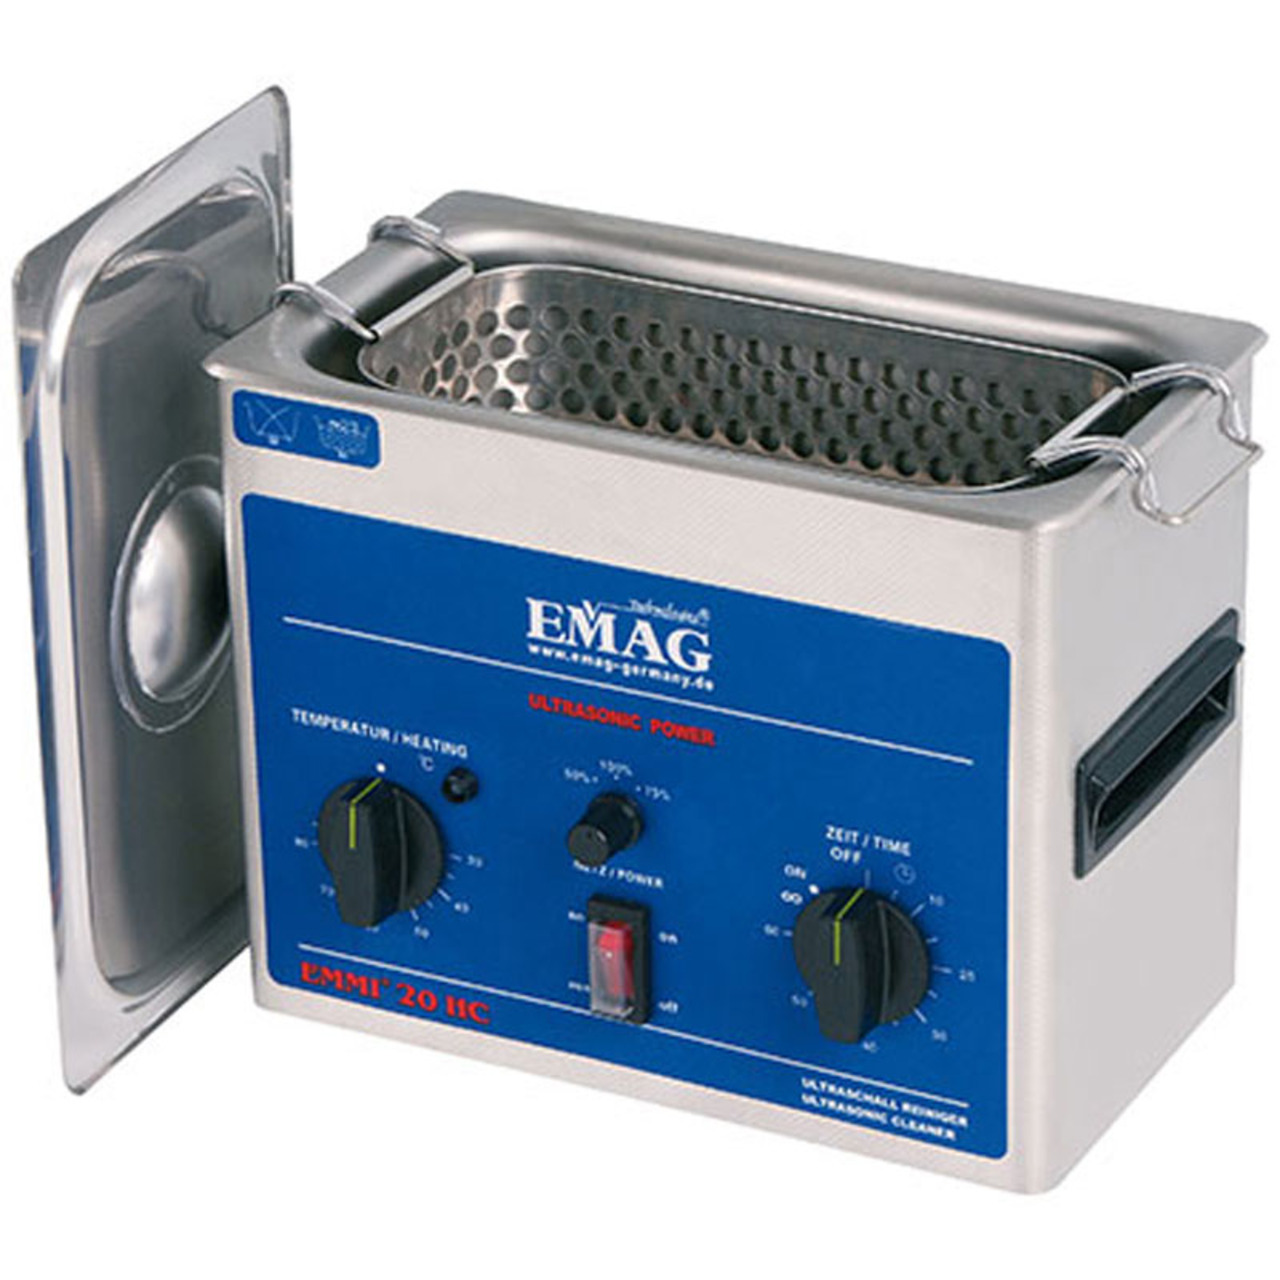 EMAG EMMI 20HC Ultraschall-Reinigungsgerät- 2-0 L- 120 W